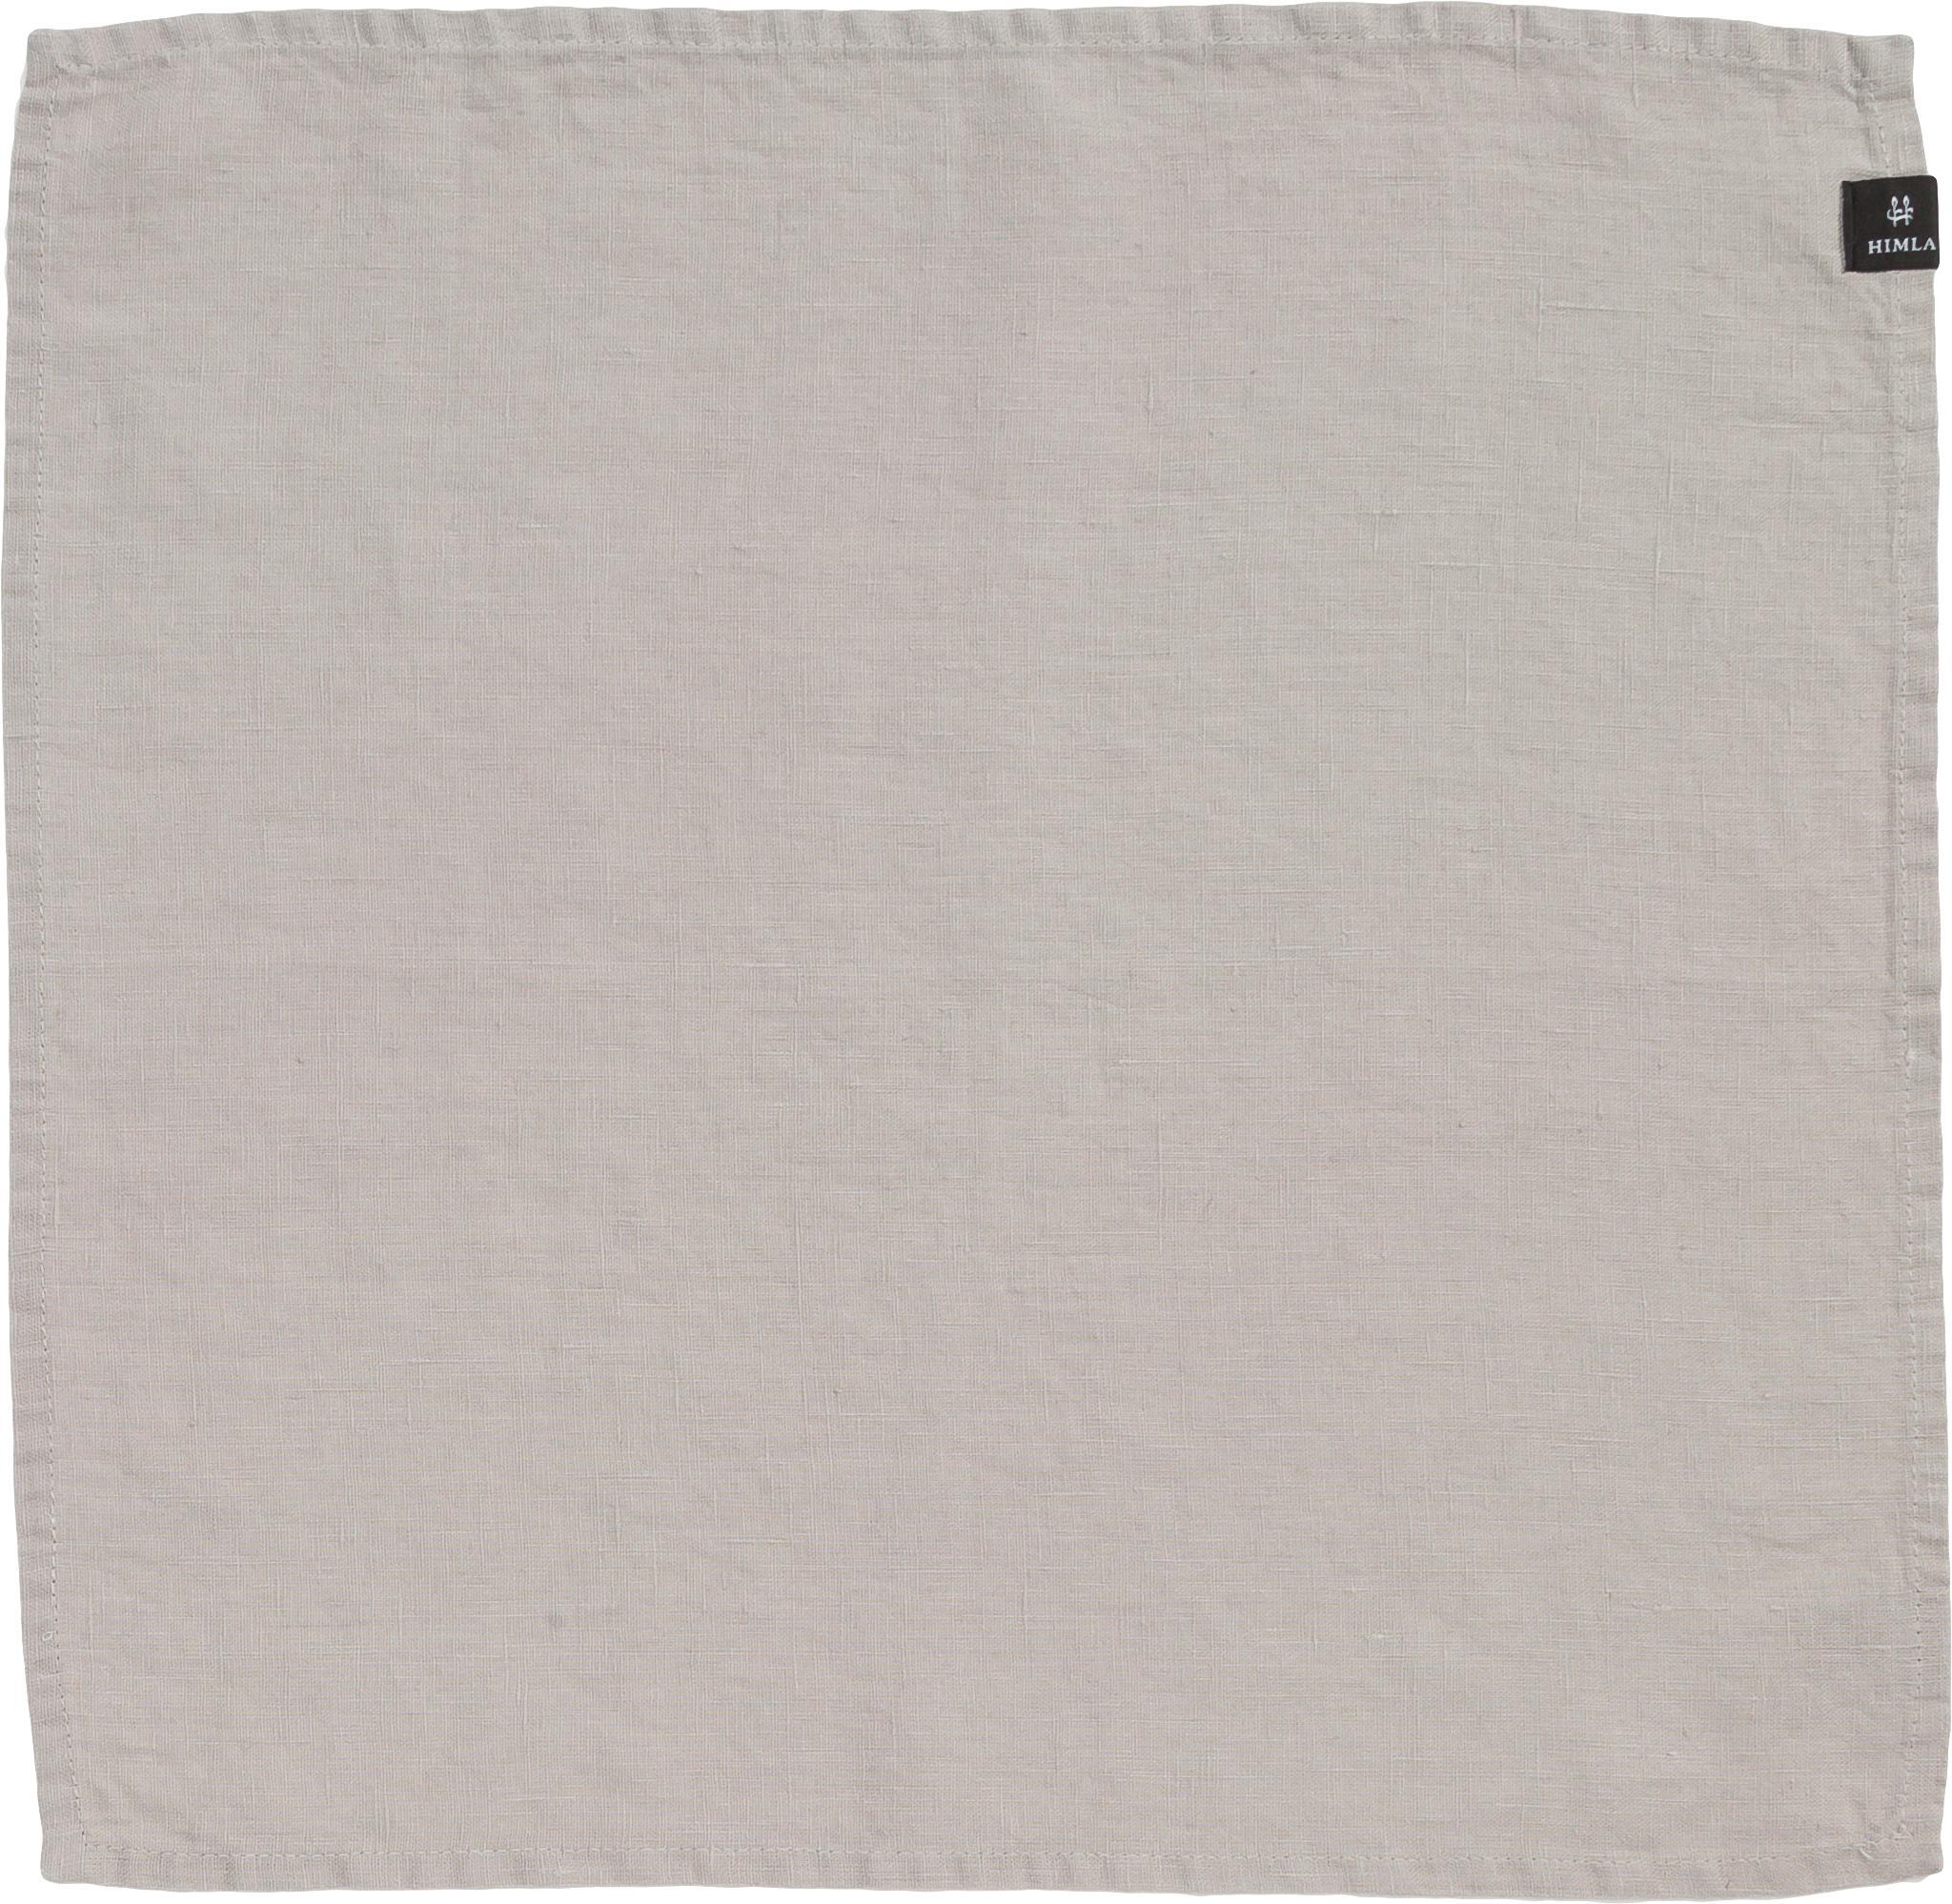 Serwetka z lnu Sunshine, 4 szt., 50% len, 50% bawełna, Biały, D 45 x S 45 cm